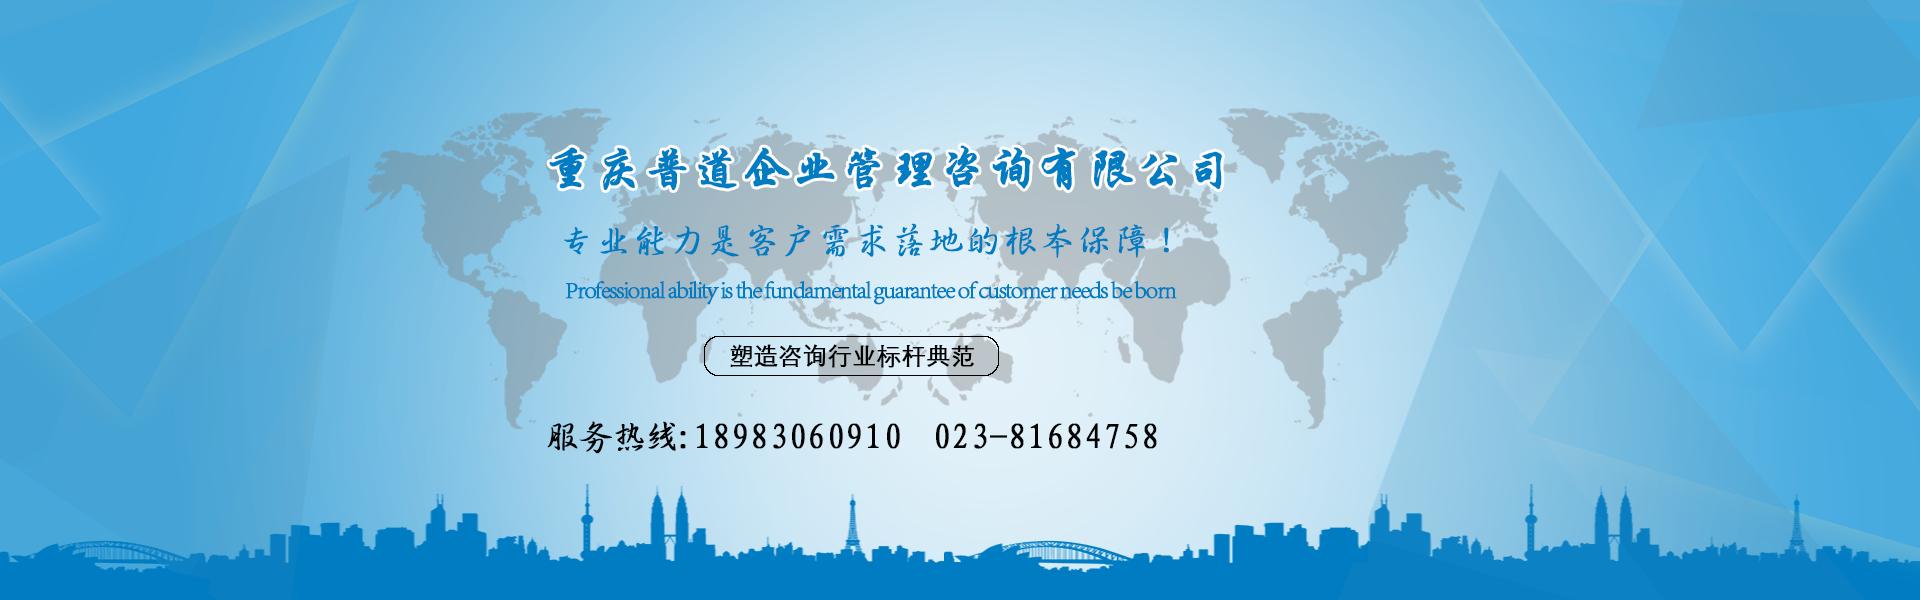 重庆ISO认证经营理念:专业能力是客户需求落地的根本保障!